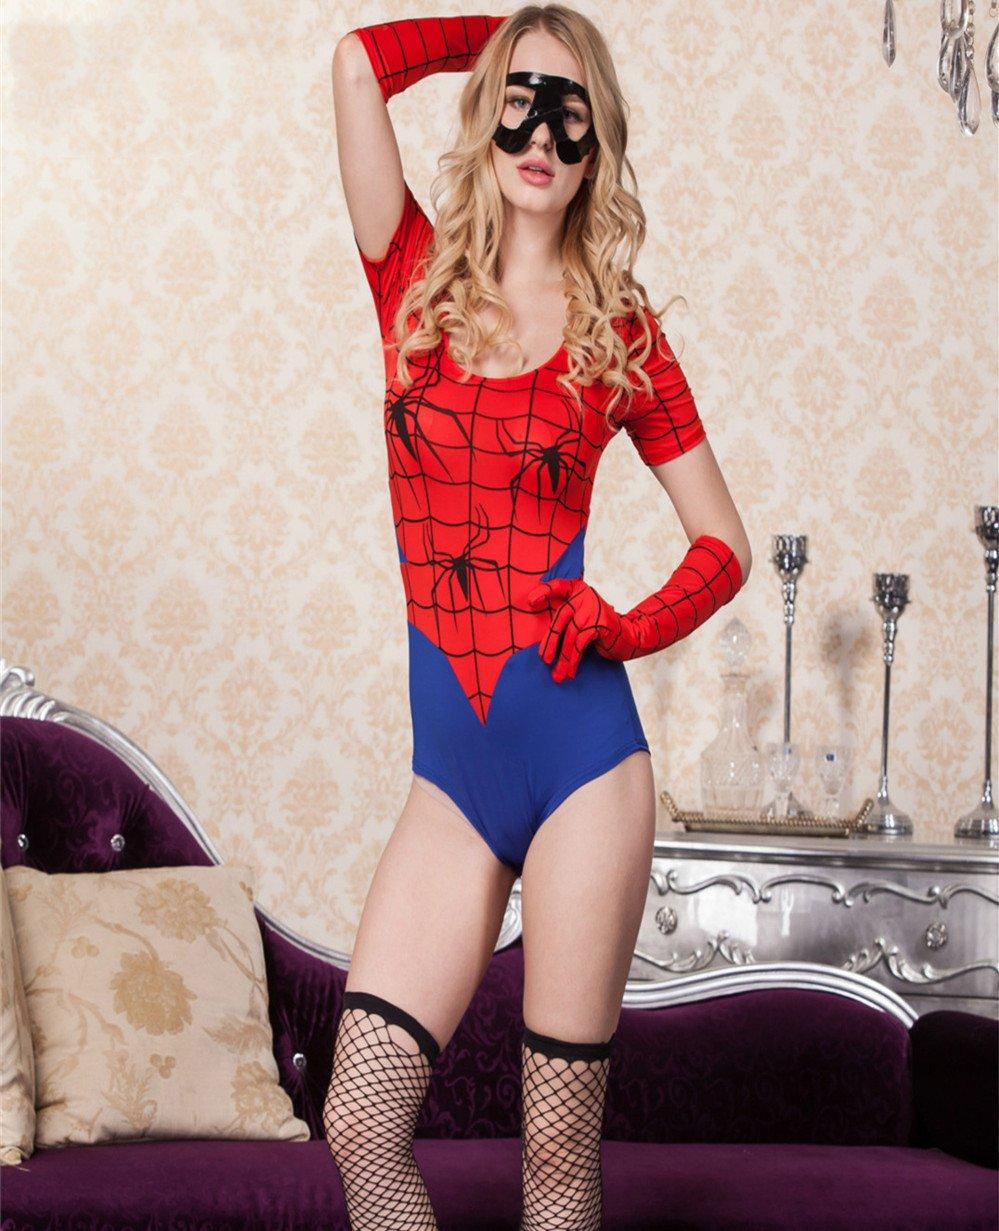 Sexy Girl Spider Costume Cosplay Uniform Heroine Costume PQ80624